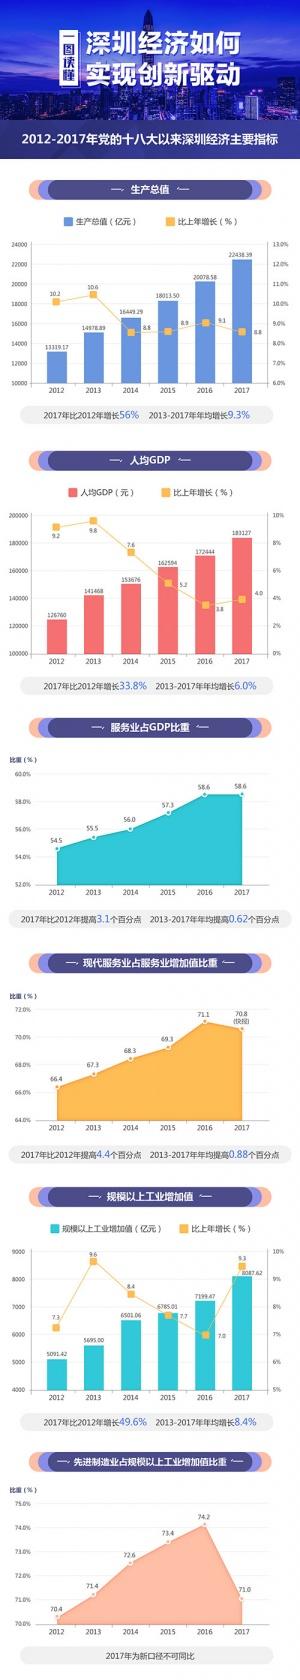 一图读懂深圳经济如何实现创新驱动